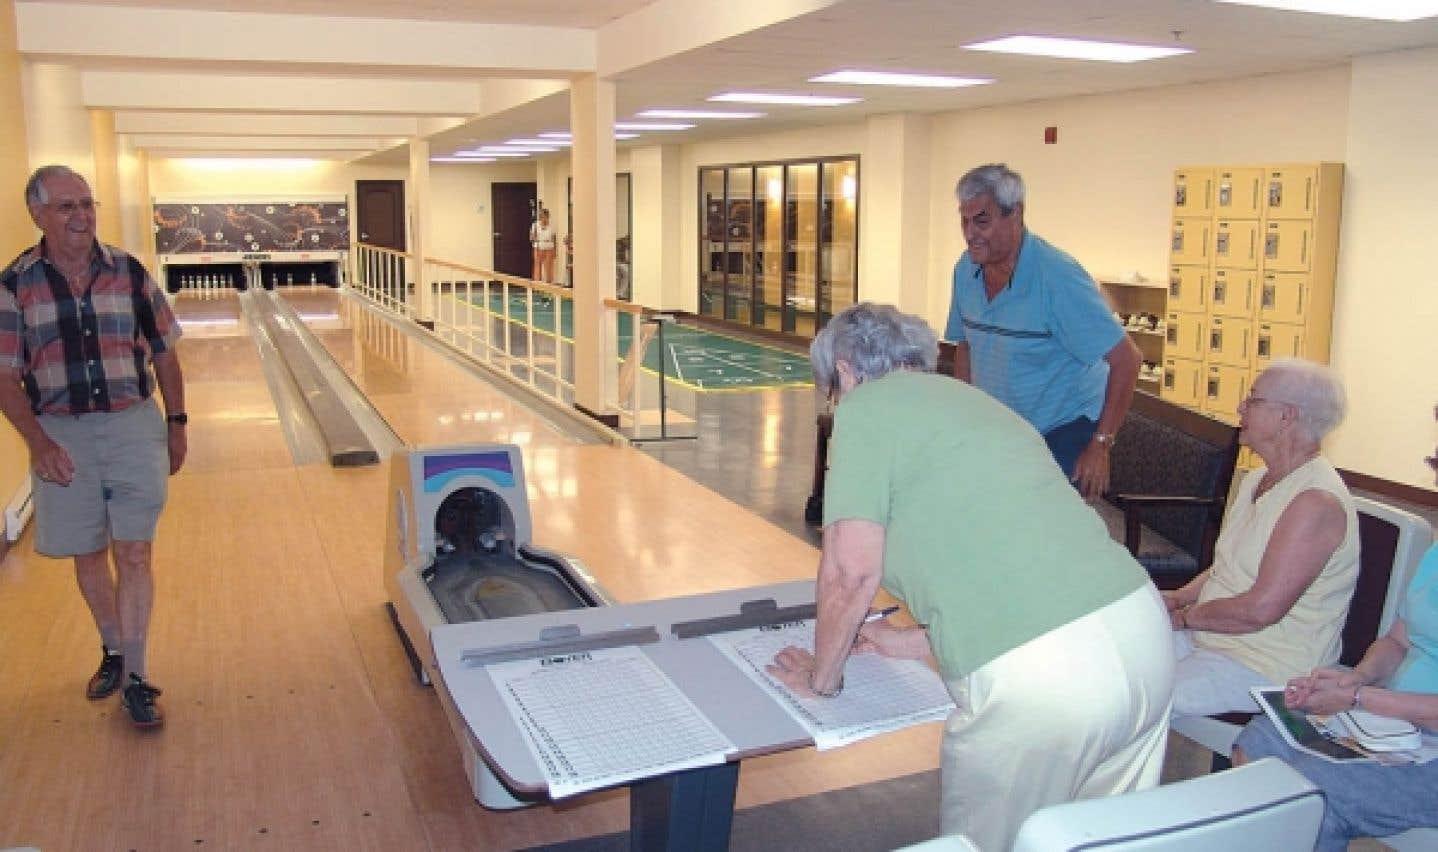 Quilles ou shuffleboard, les aînés dans les résidences pour personnes âgées ont accès à une multitude de loisirs.